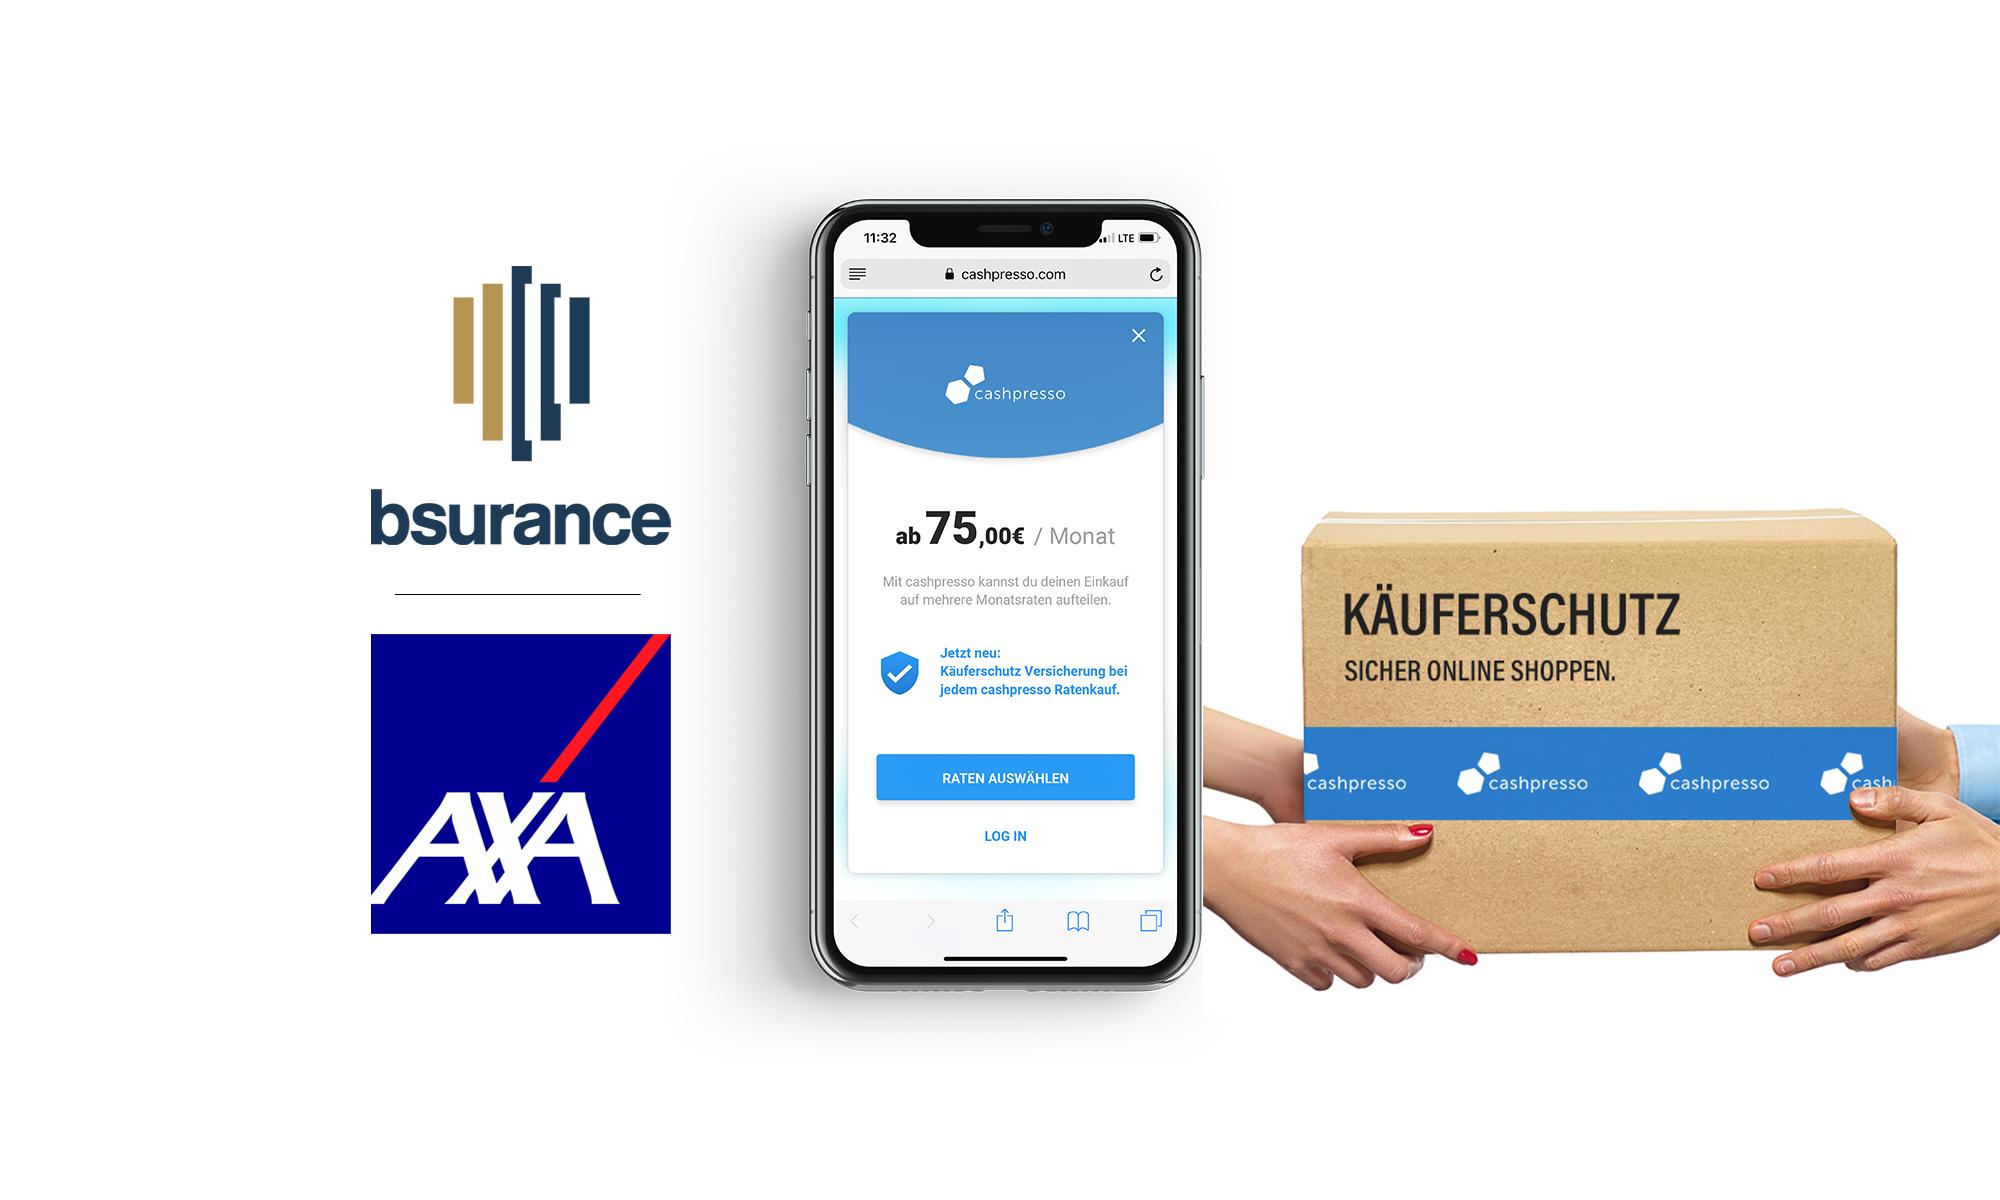 bsurance kooperiert mit AXA Partners und cashpresso